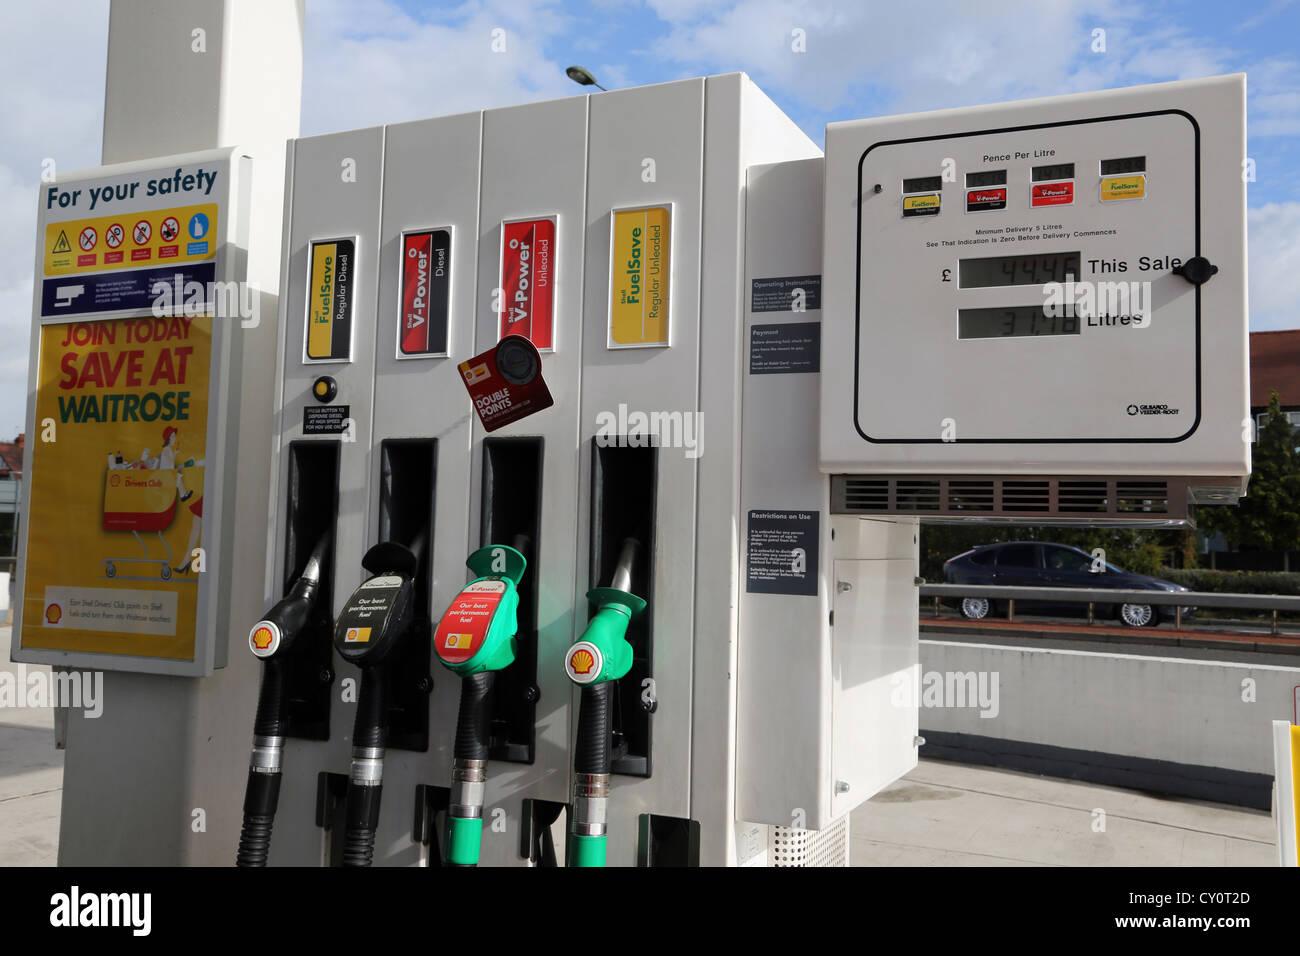 petrol pumps regular diesel diesel unleaded and regular unleaded stock photo royalty free. Black Bedroom Furniture Sets. Home Design Ideas